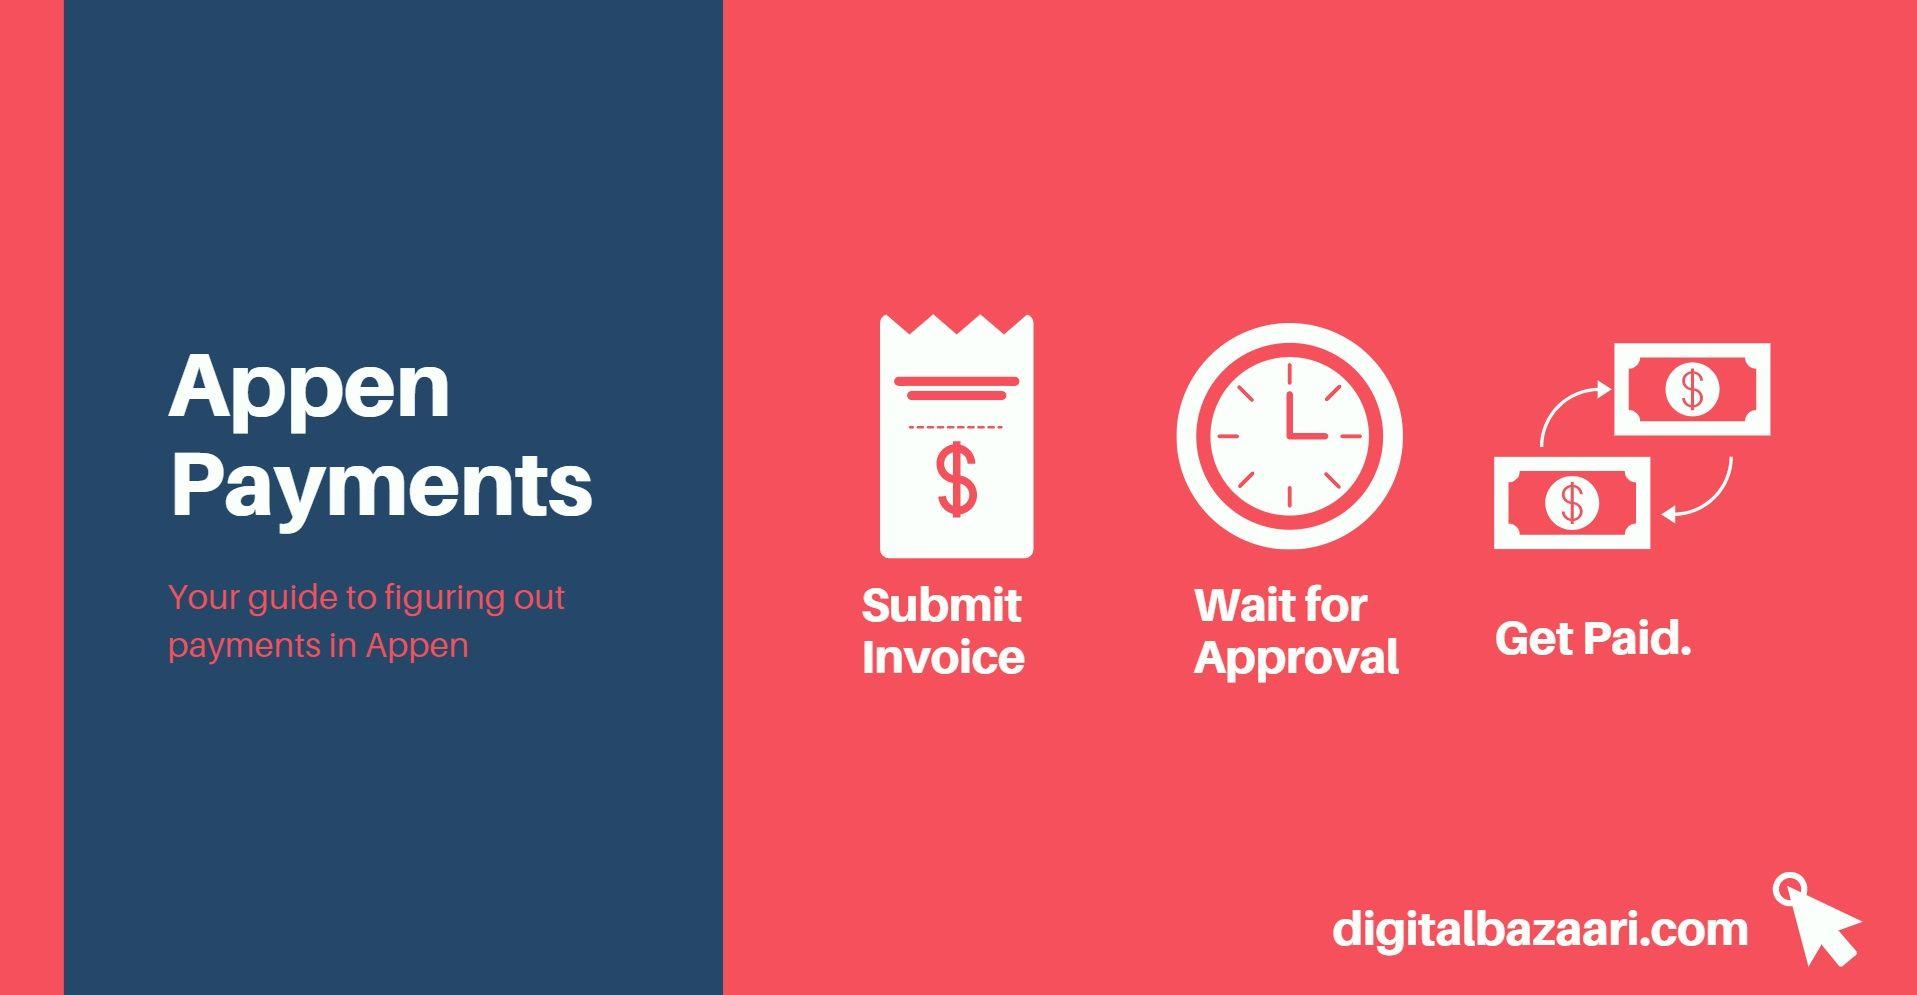 appen payments procedure